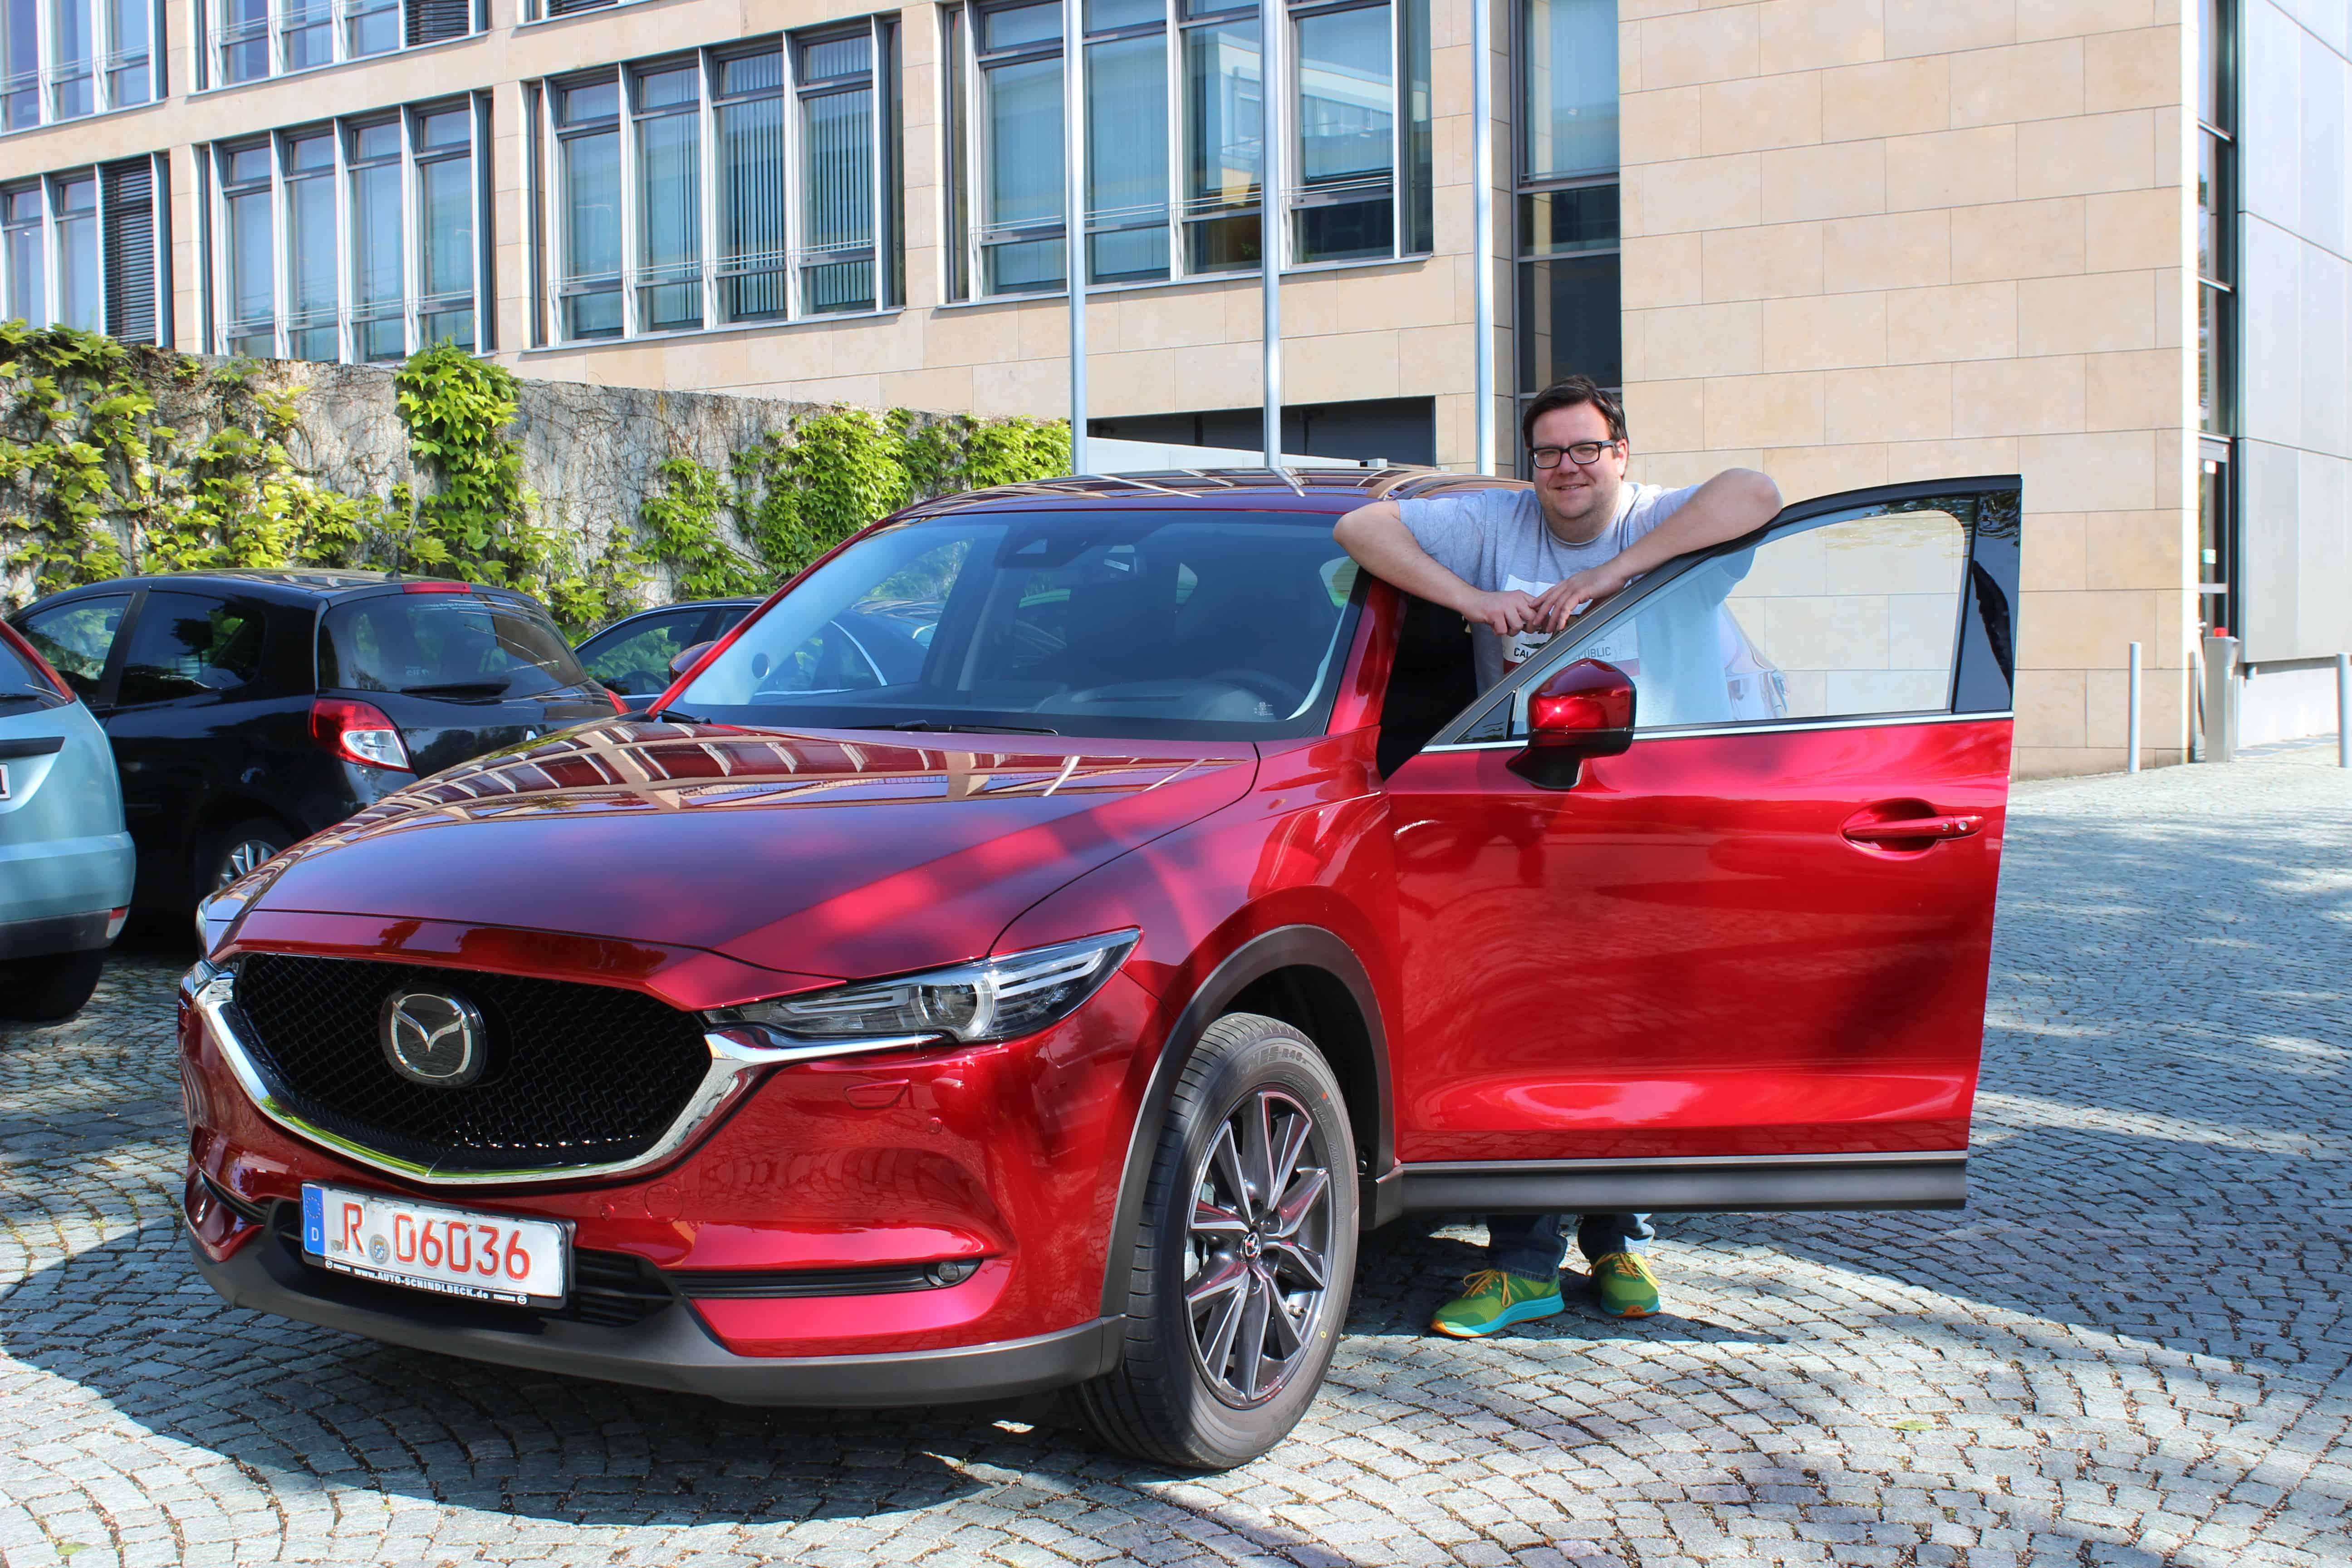 Ab sofort bei Auto Schindlbeck: Der neue Mazda CX-5 im neuen Look